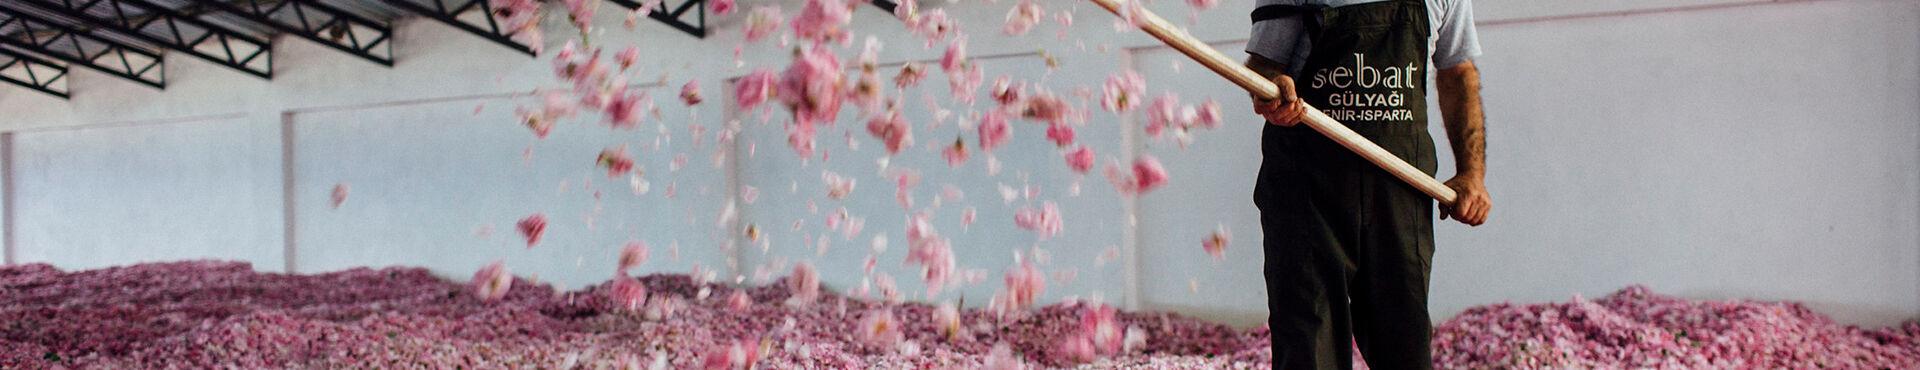 Banner - Les bienfaits de la rose sur votre peau et vos cheveux